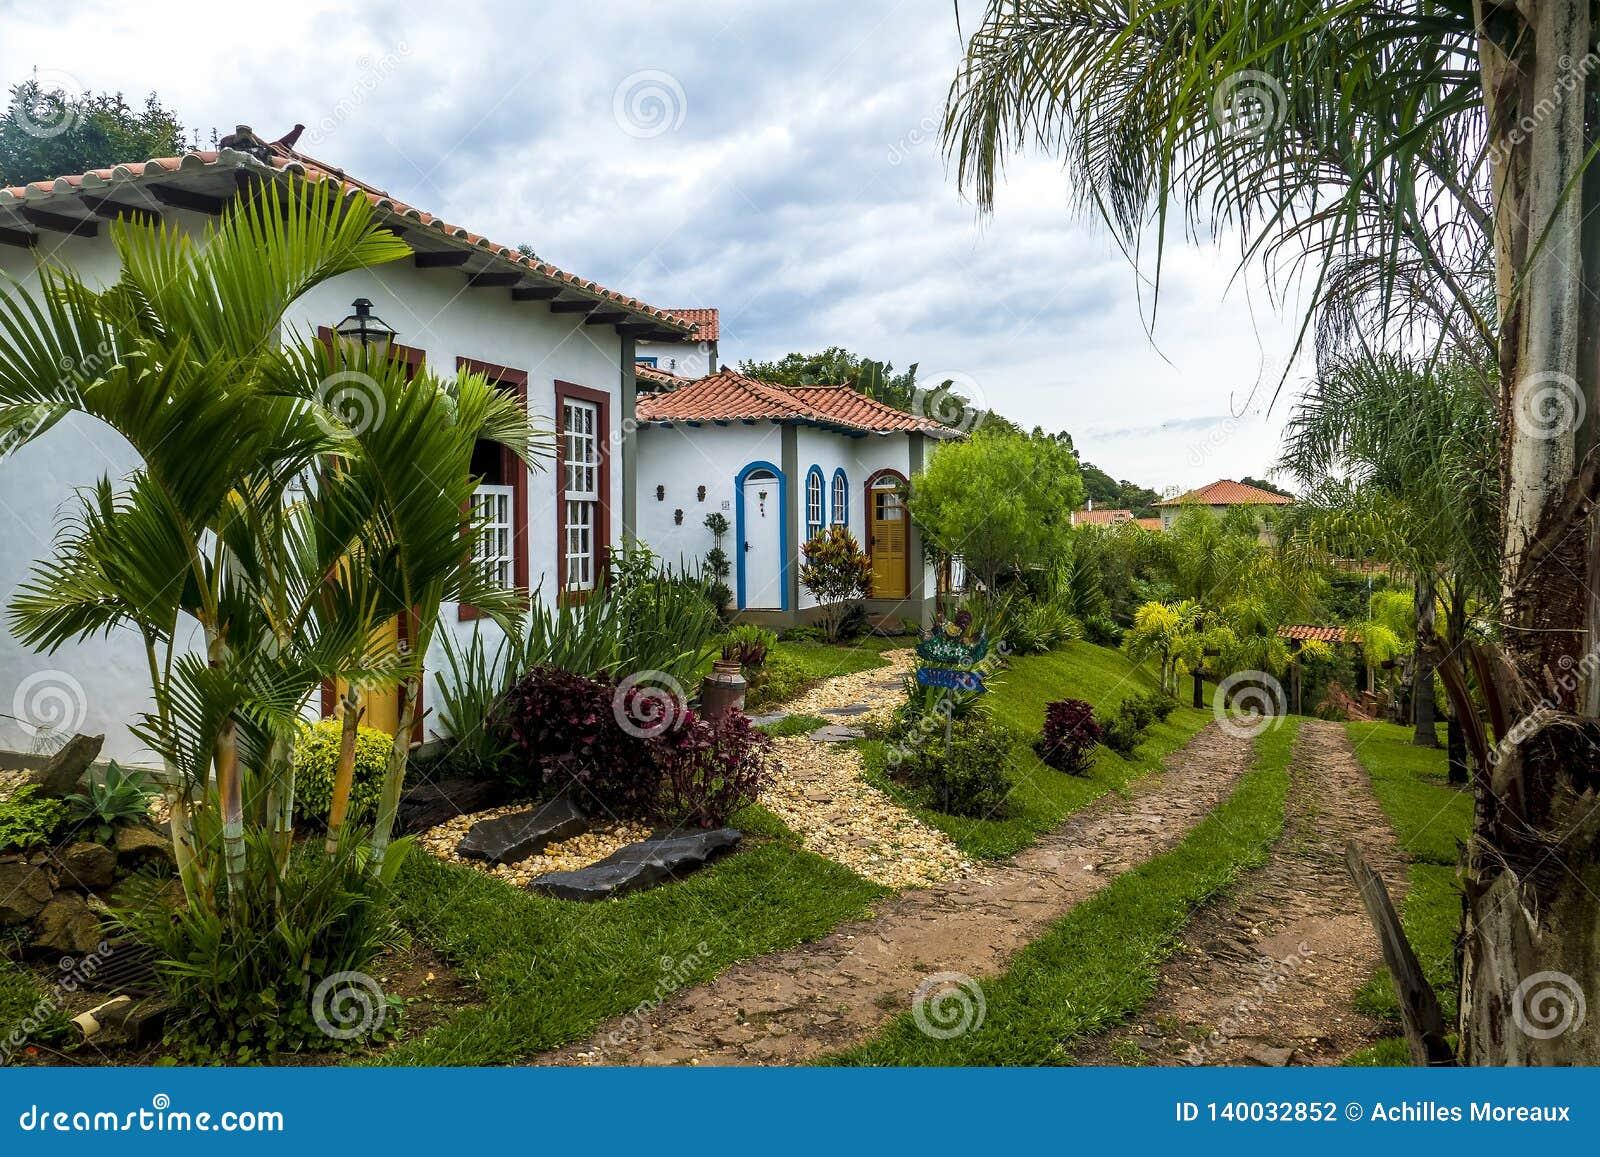 Tiradentes hostel landscaping